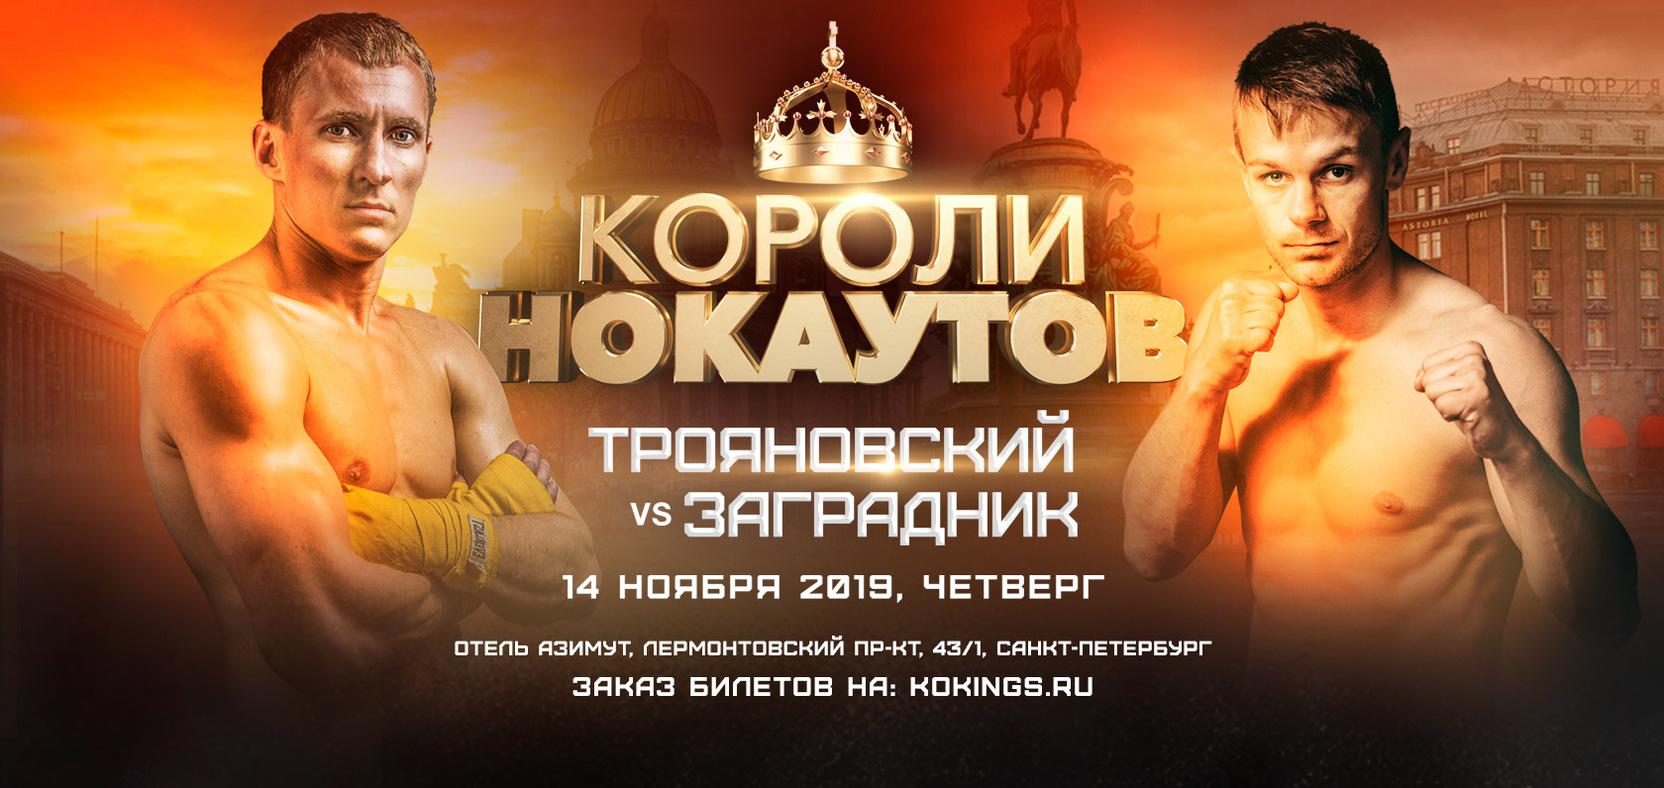 Видео боя Эдуард Трояновский - Йозеф Заградник